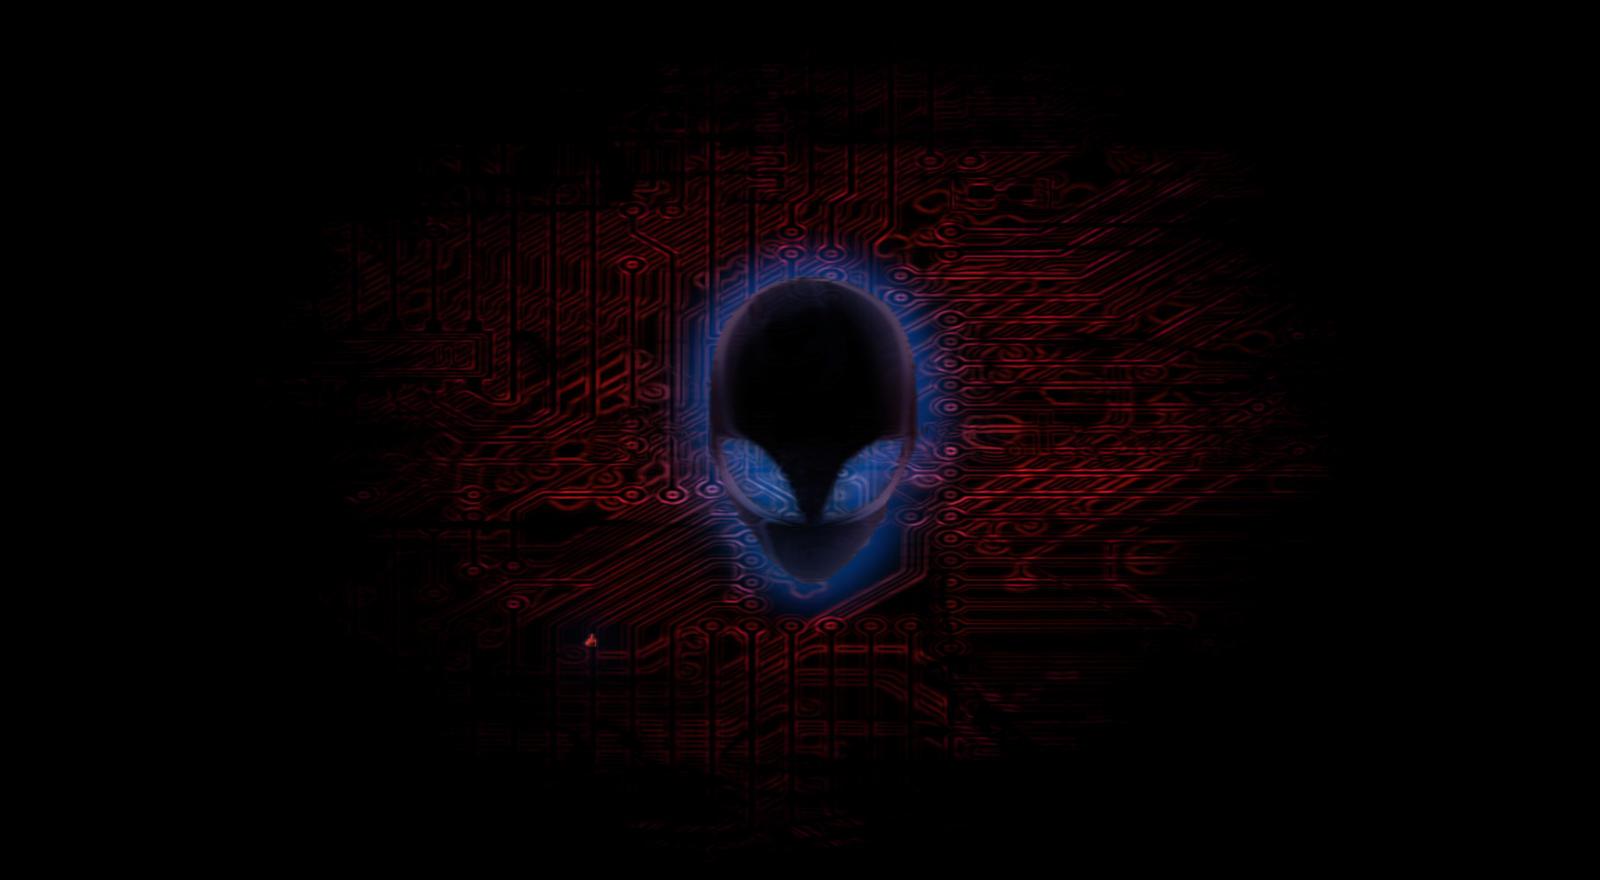 Alienware wallpaper by garfieldp on deviantart alienware wallpaper by garfieldp alienware wallpaper by garfieldp voltagebd Gallery